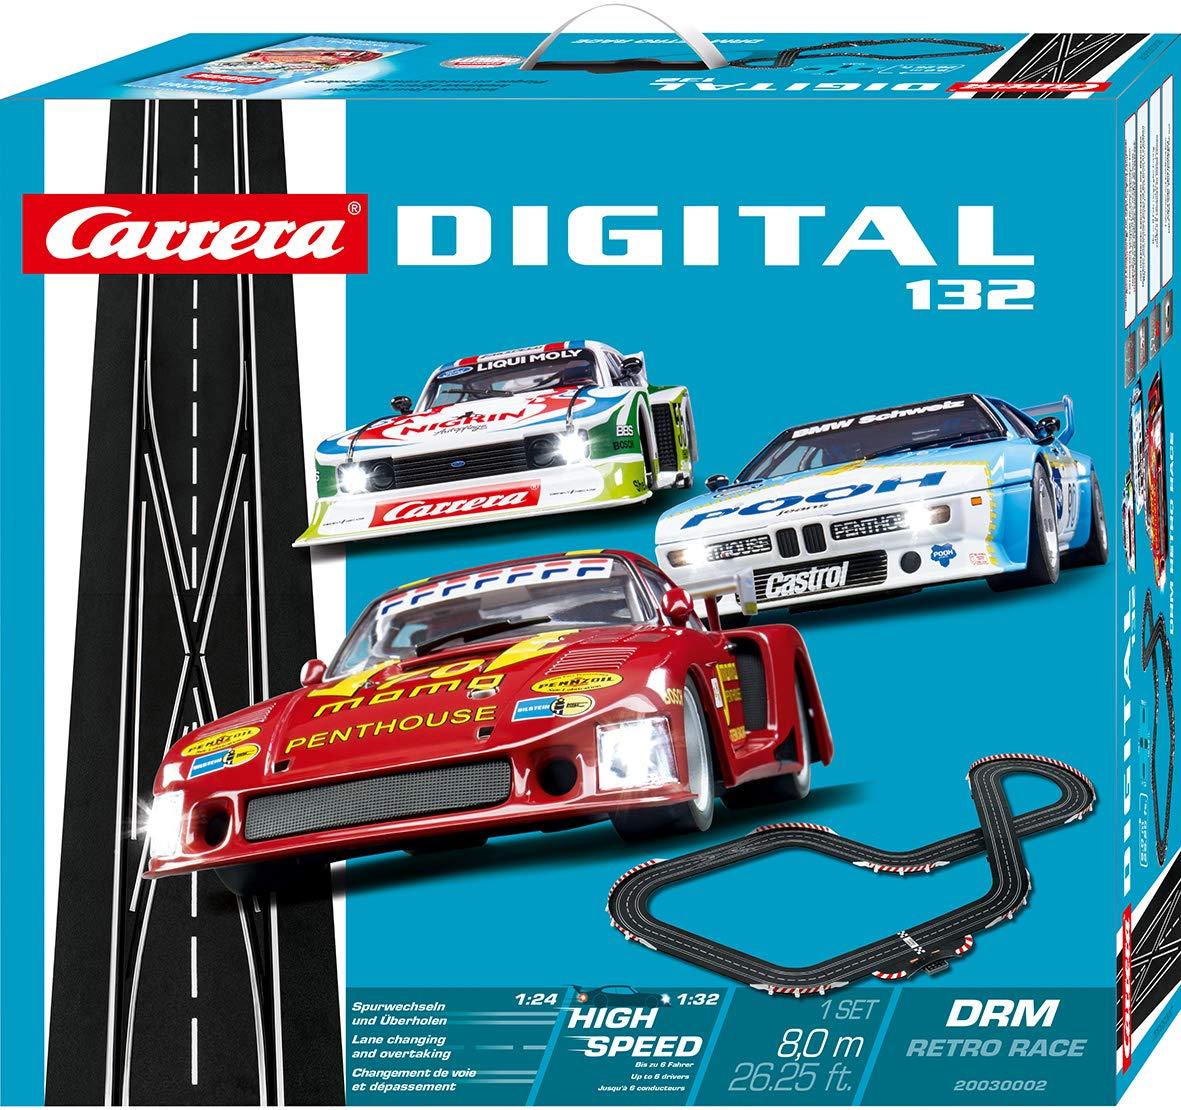 Carrera Digital 132-DRM Retro Race Circuito de Coches (20030002): Amazon.es: Juguetes y juegos